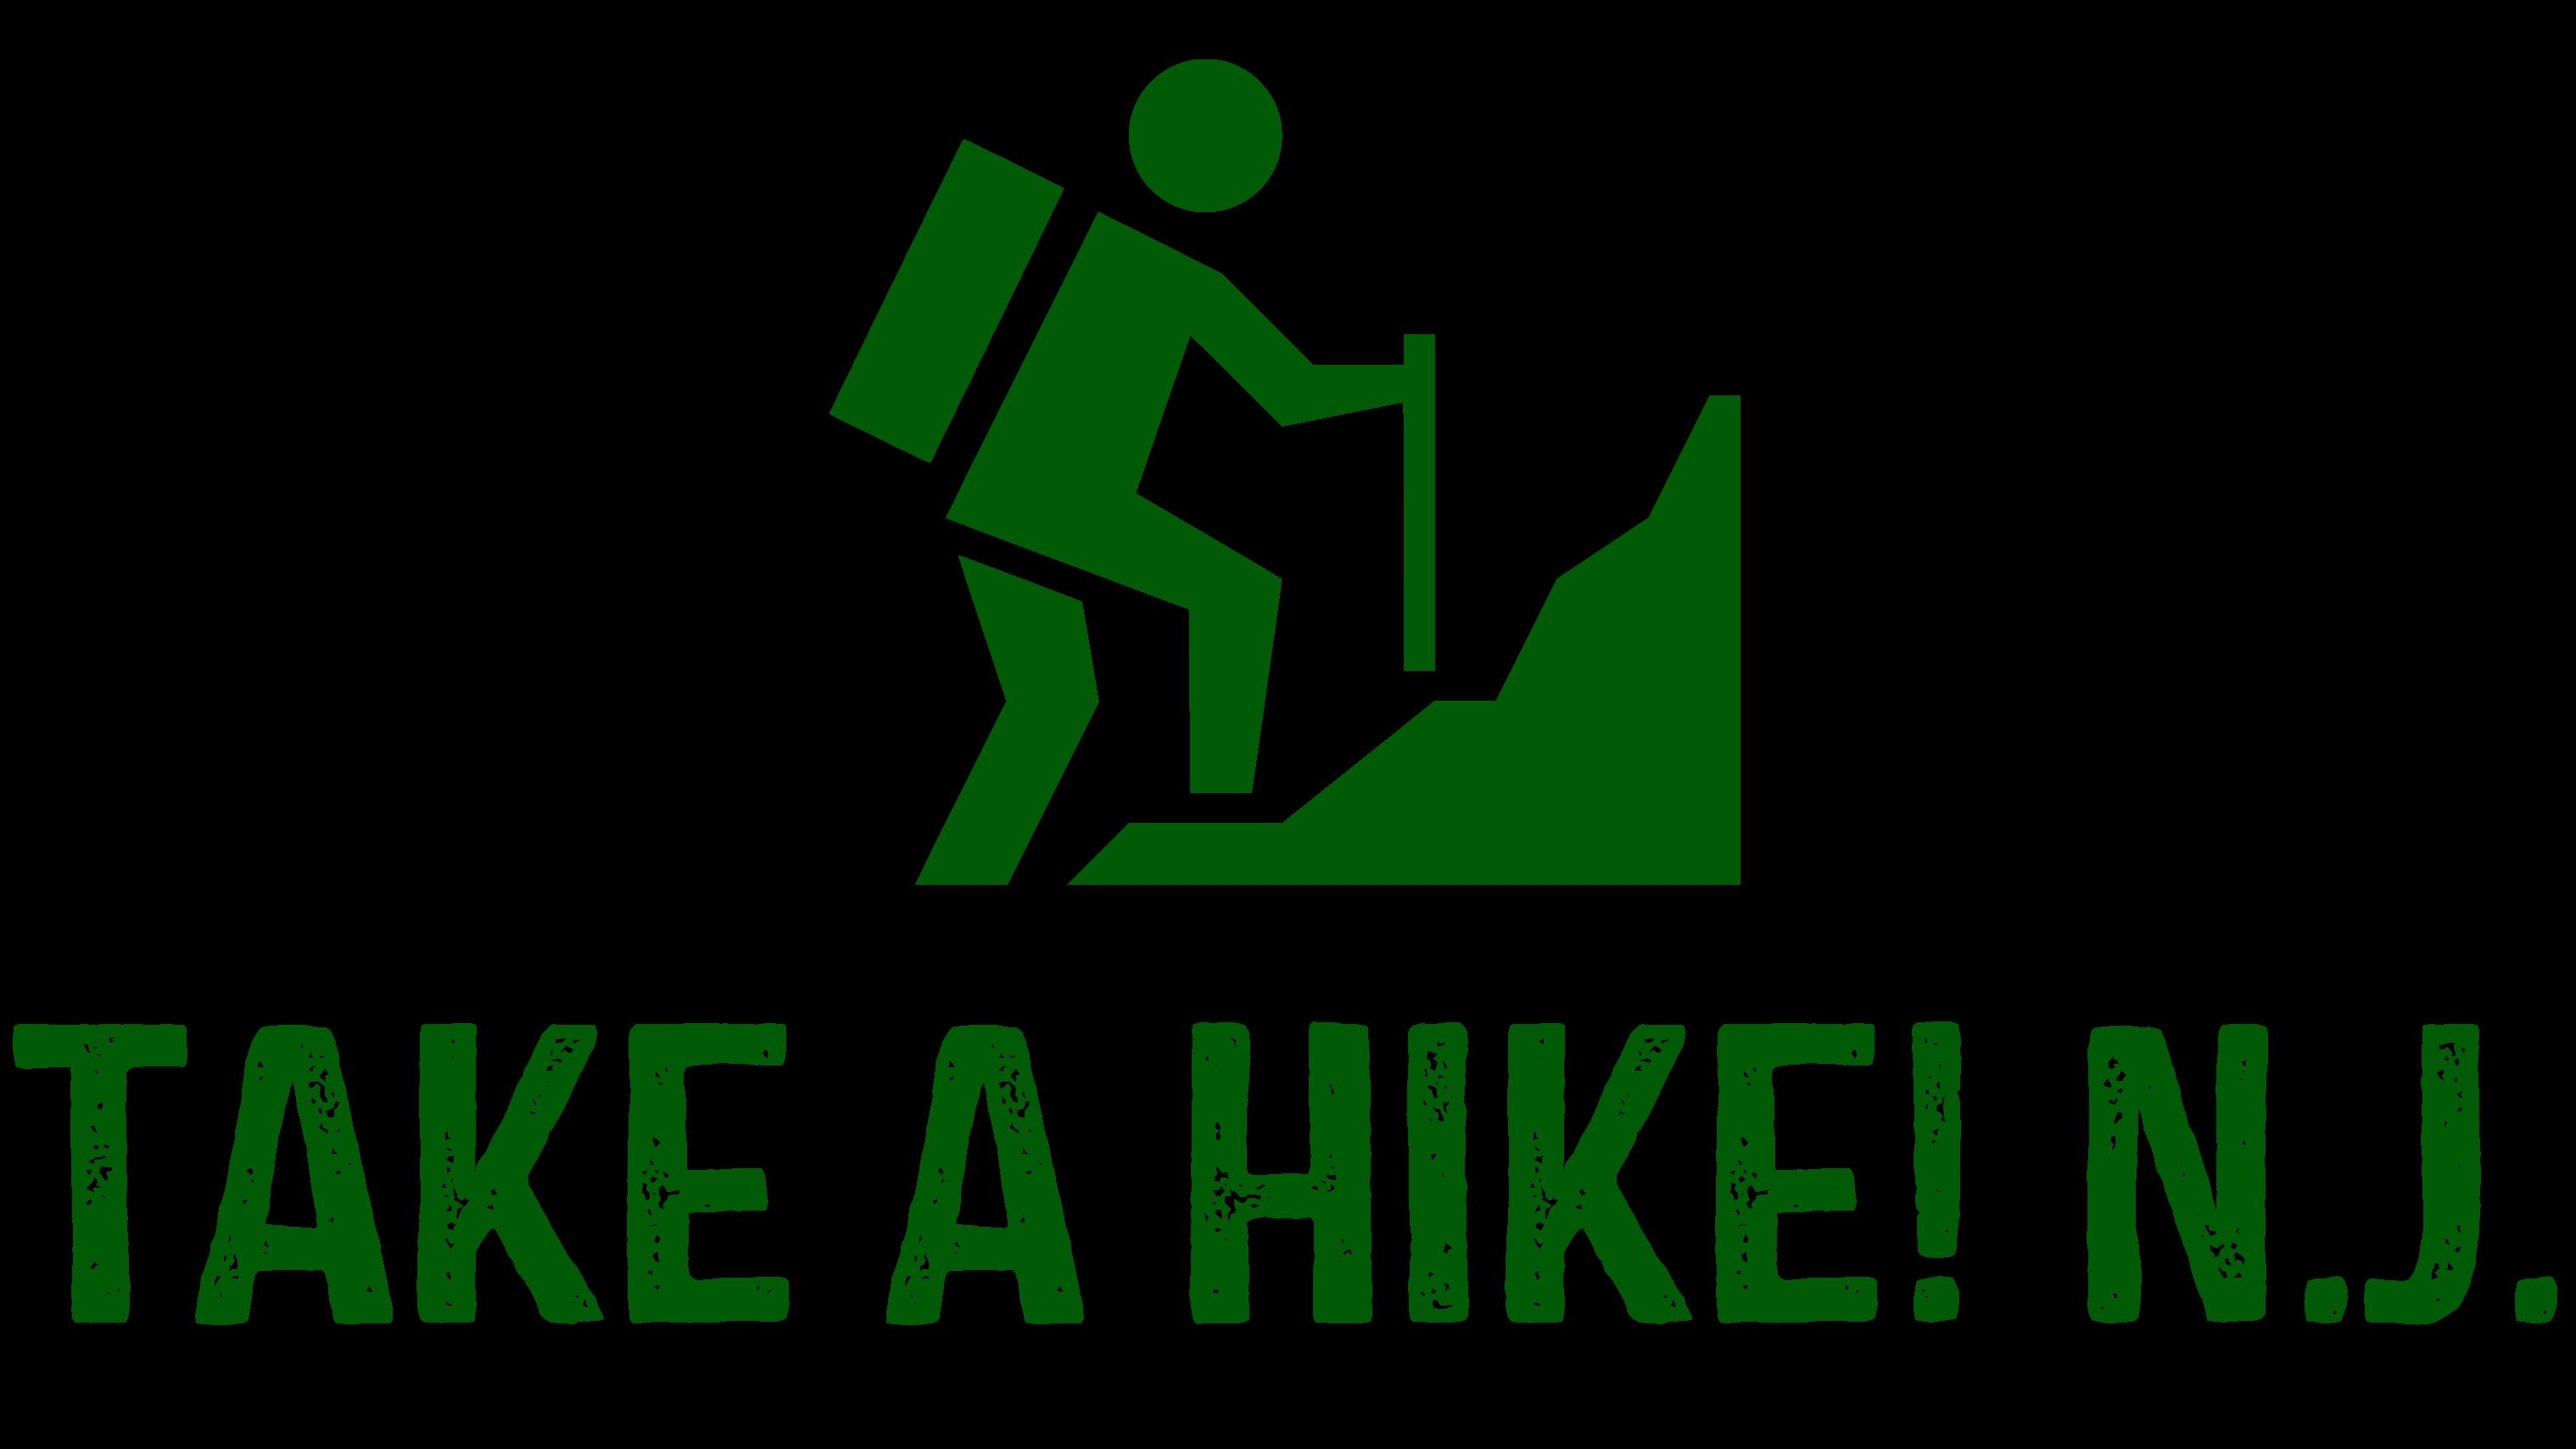 Take A Hike! N.J.